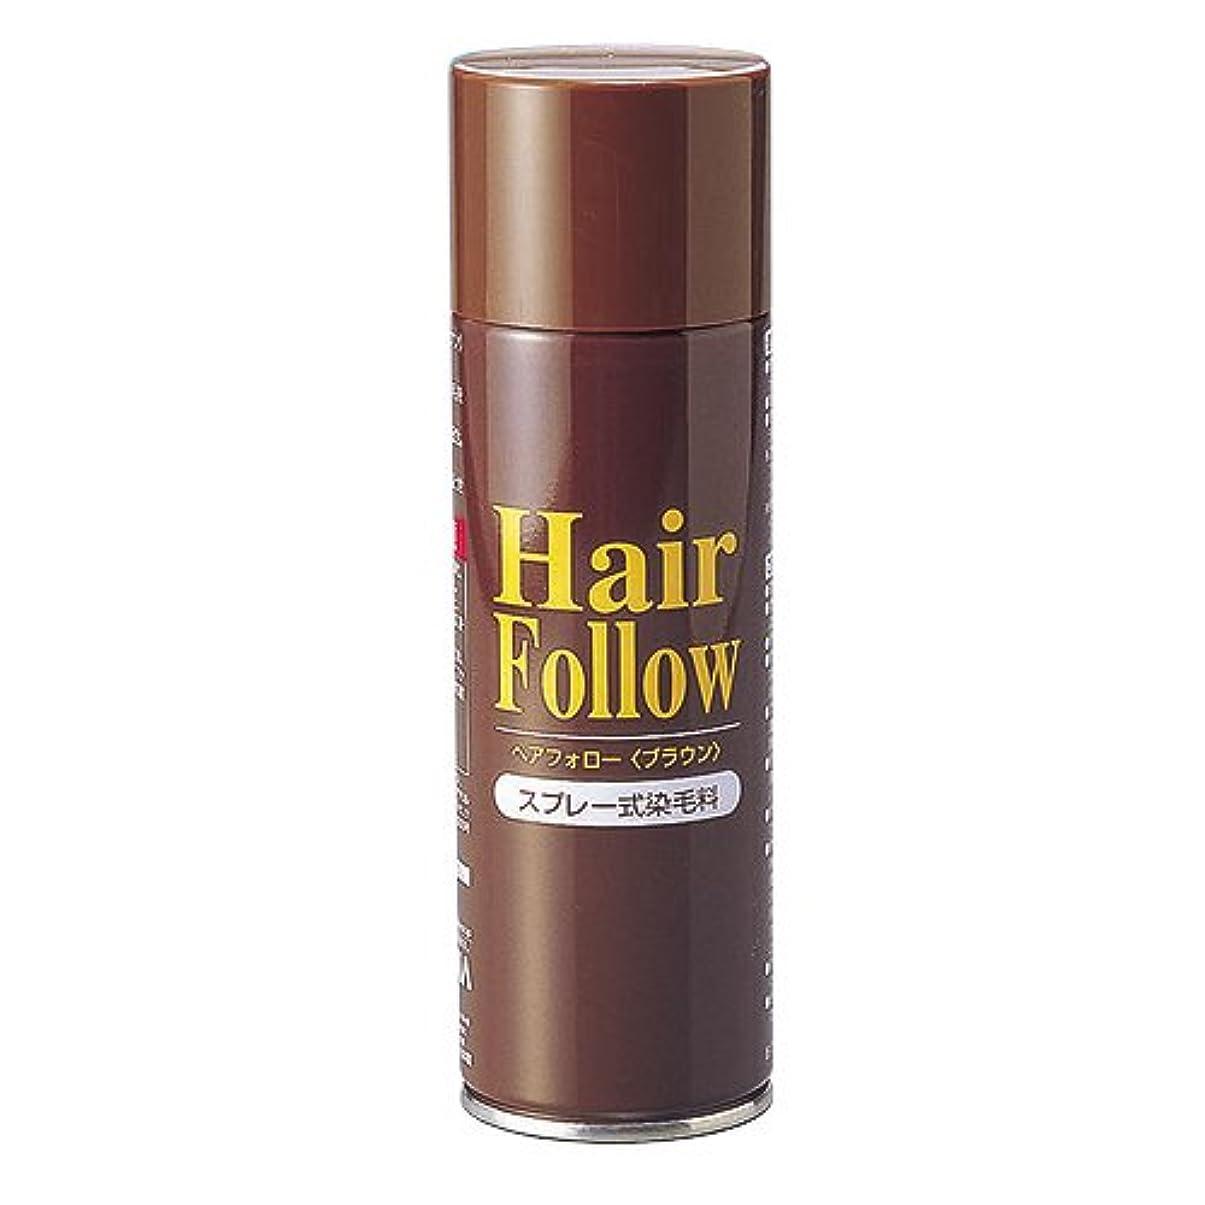 強度名目上のいわゆるヘアフォロースプレー ブラウン